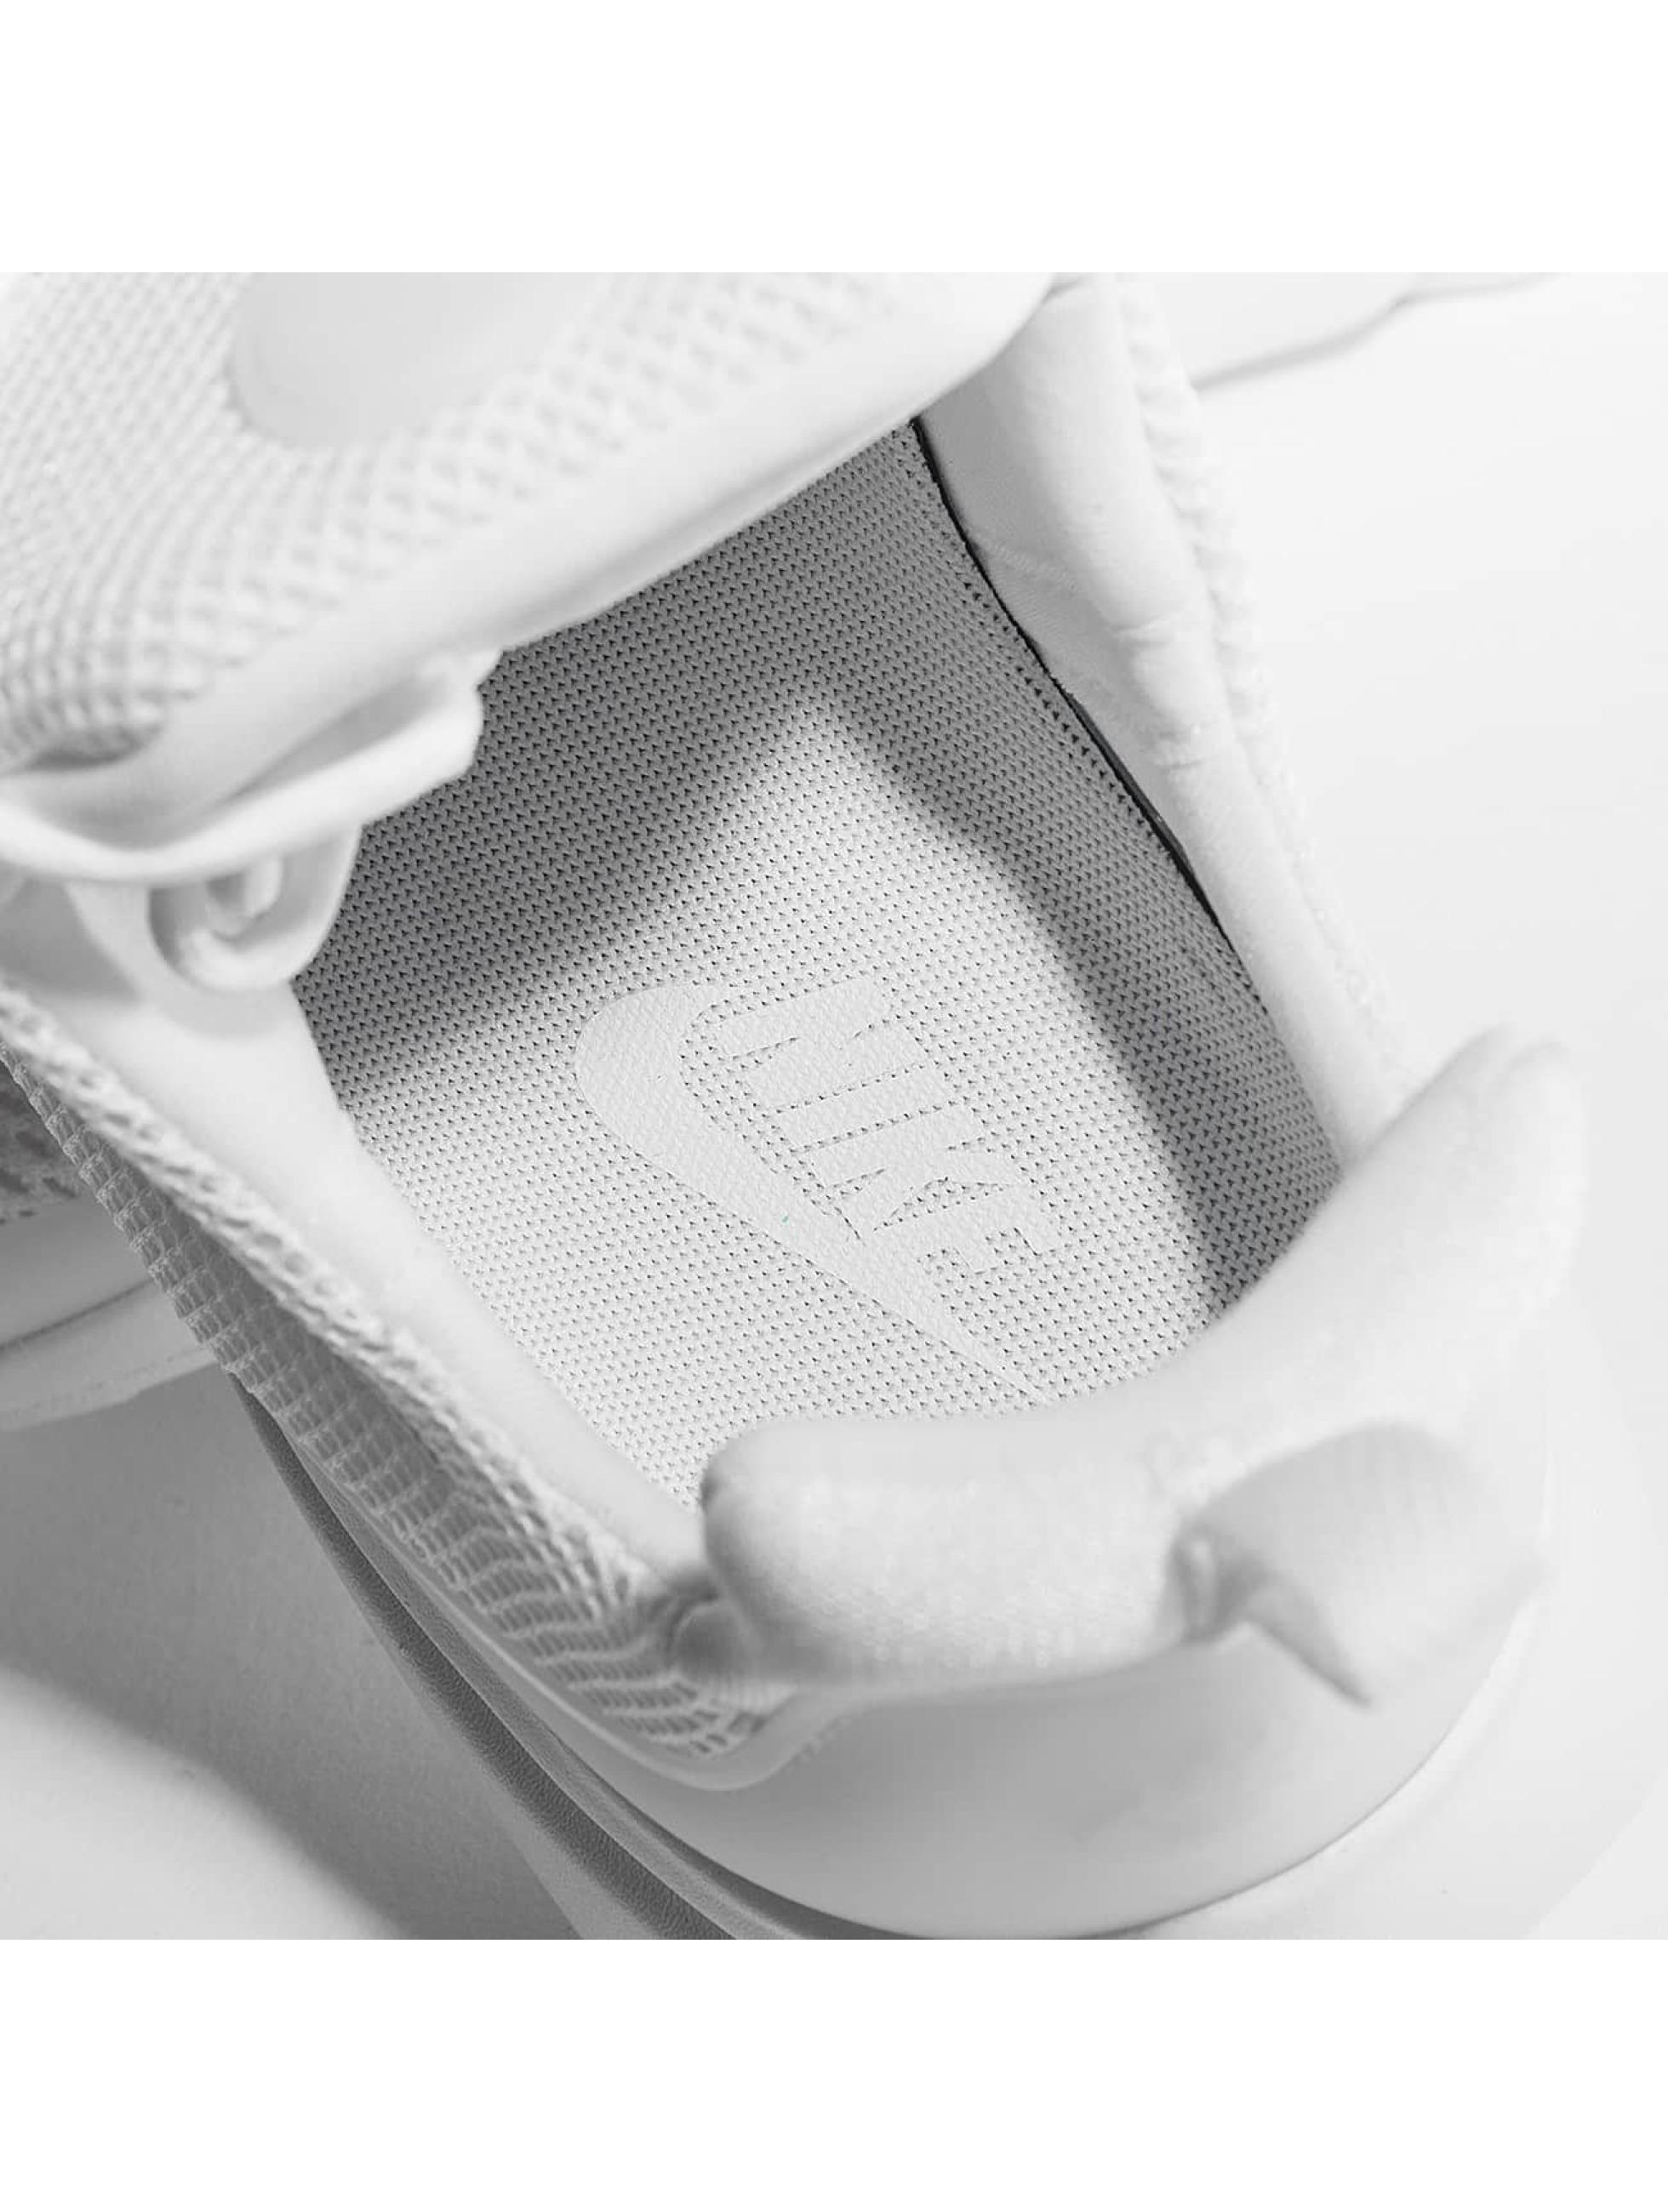 Nike Sneakers Presto Fly biela